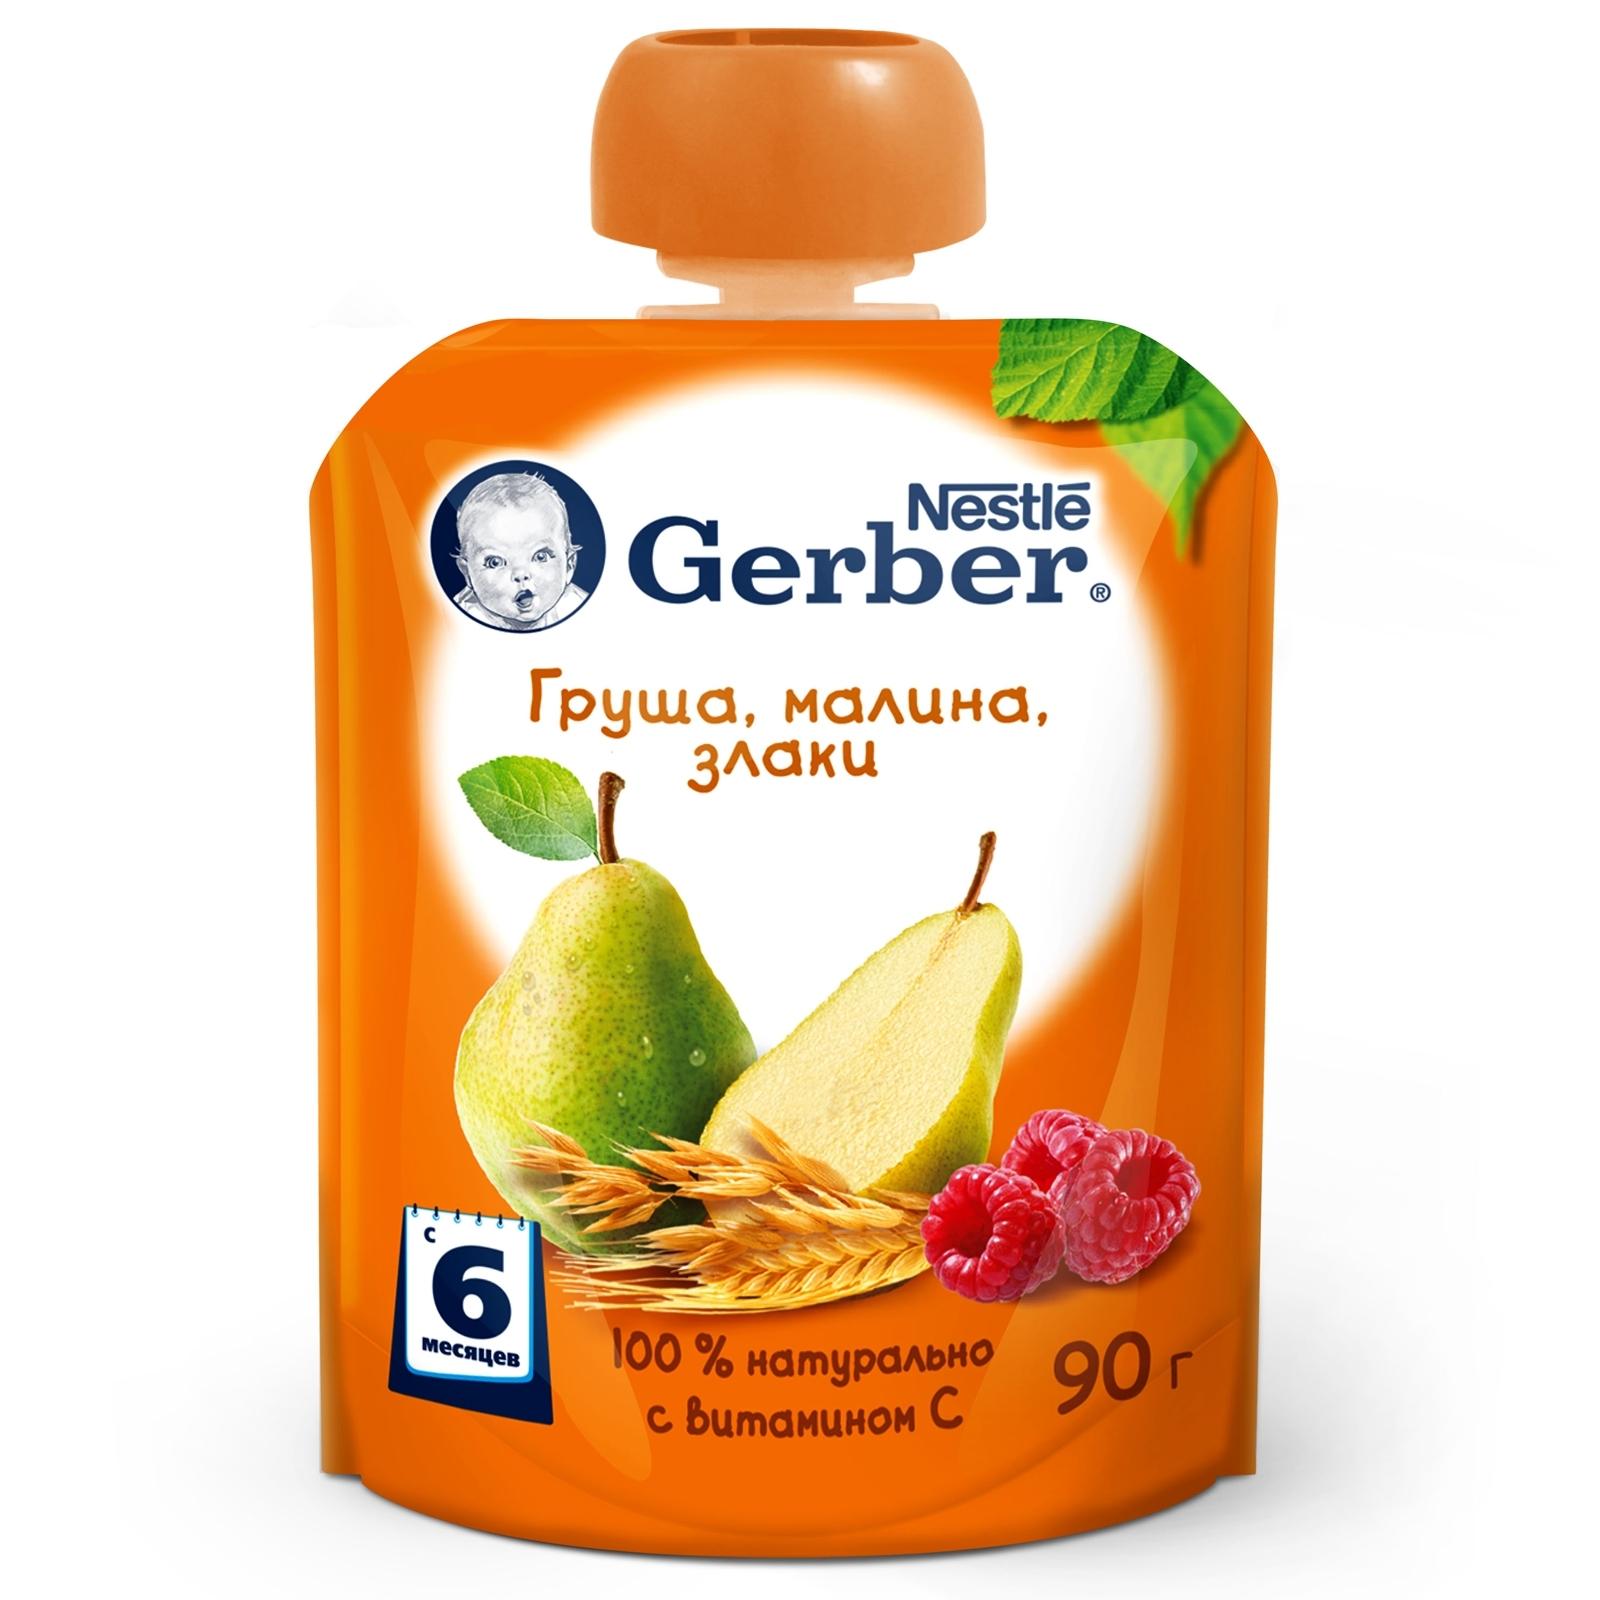 Пюре Gerber фруктовое 90 гр Груша малина злаки (с 6 мес)<br>